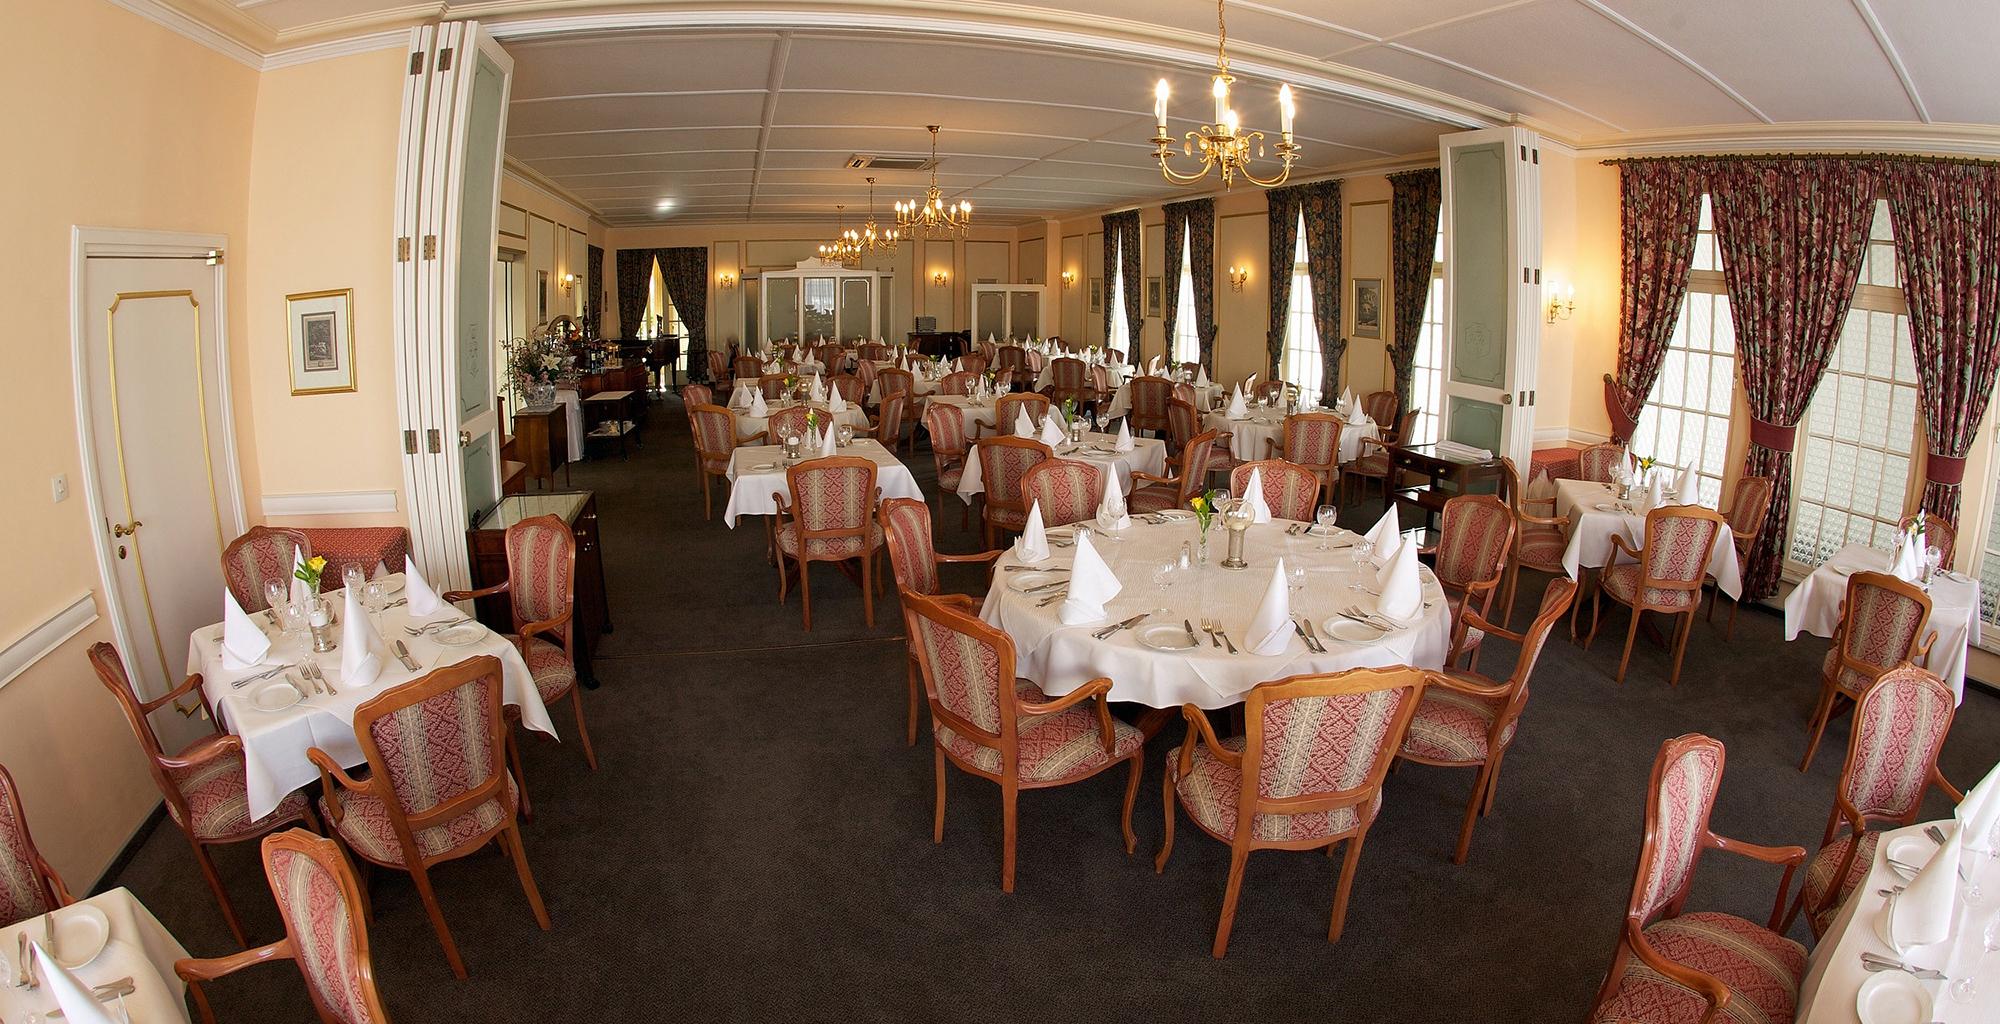 Namibia-Hansa-Hotel-Dining-Room